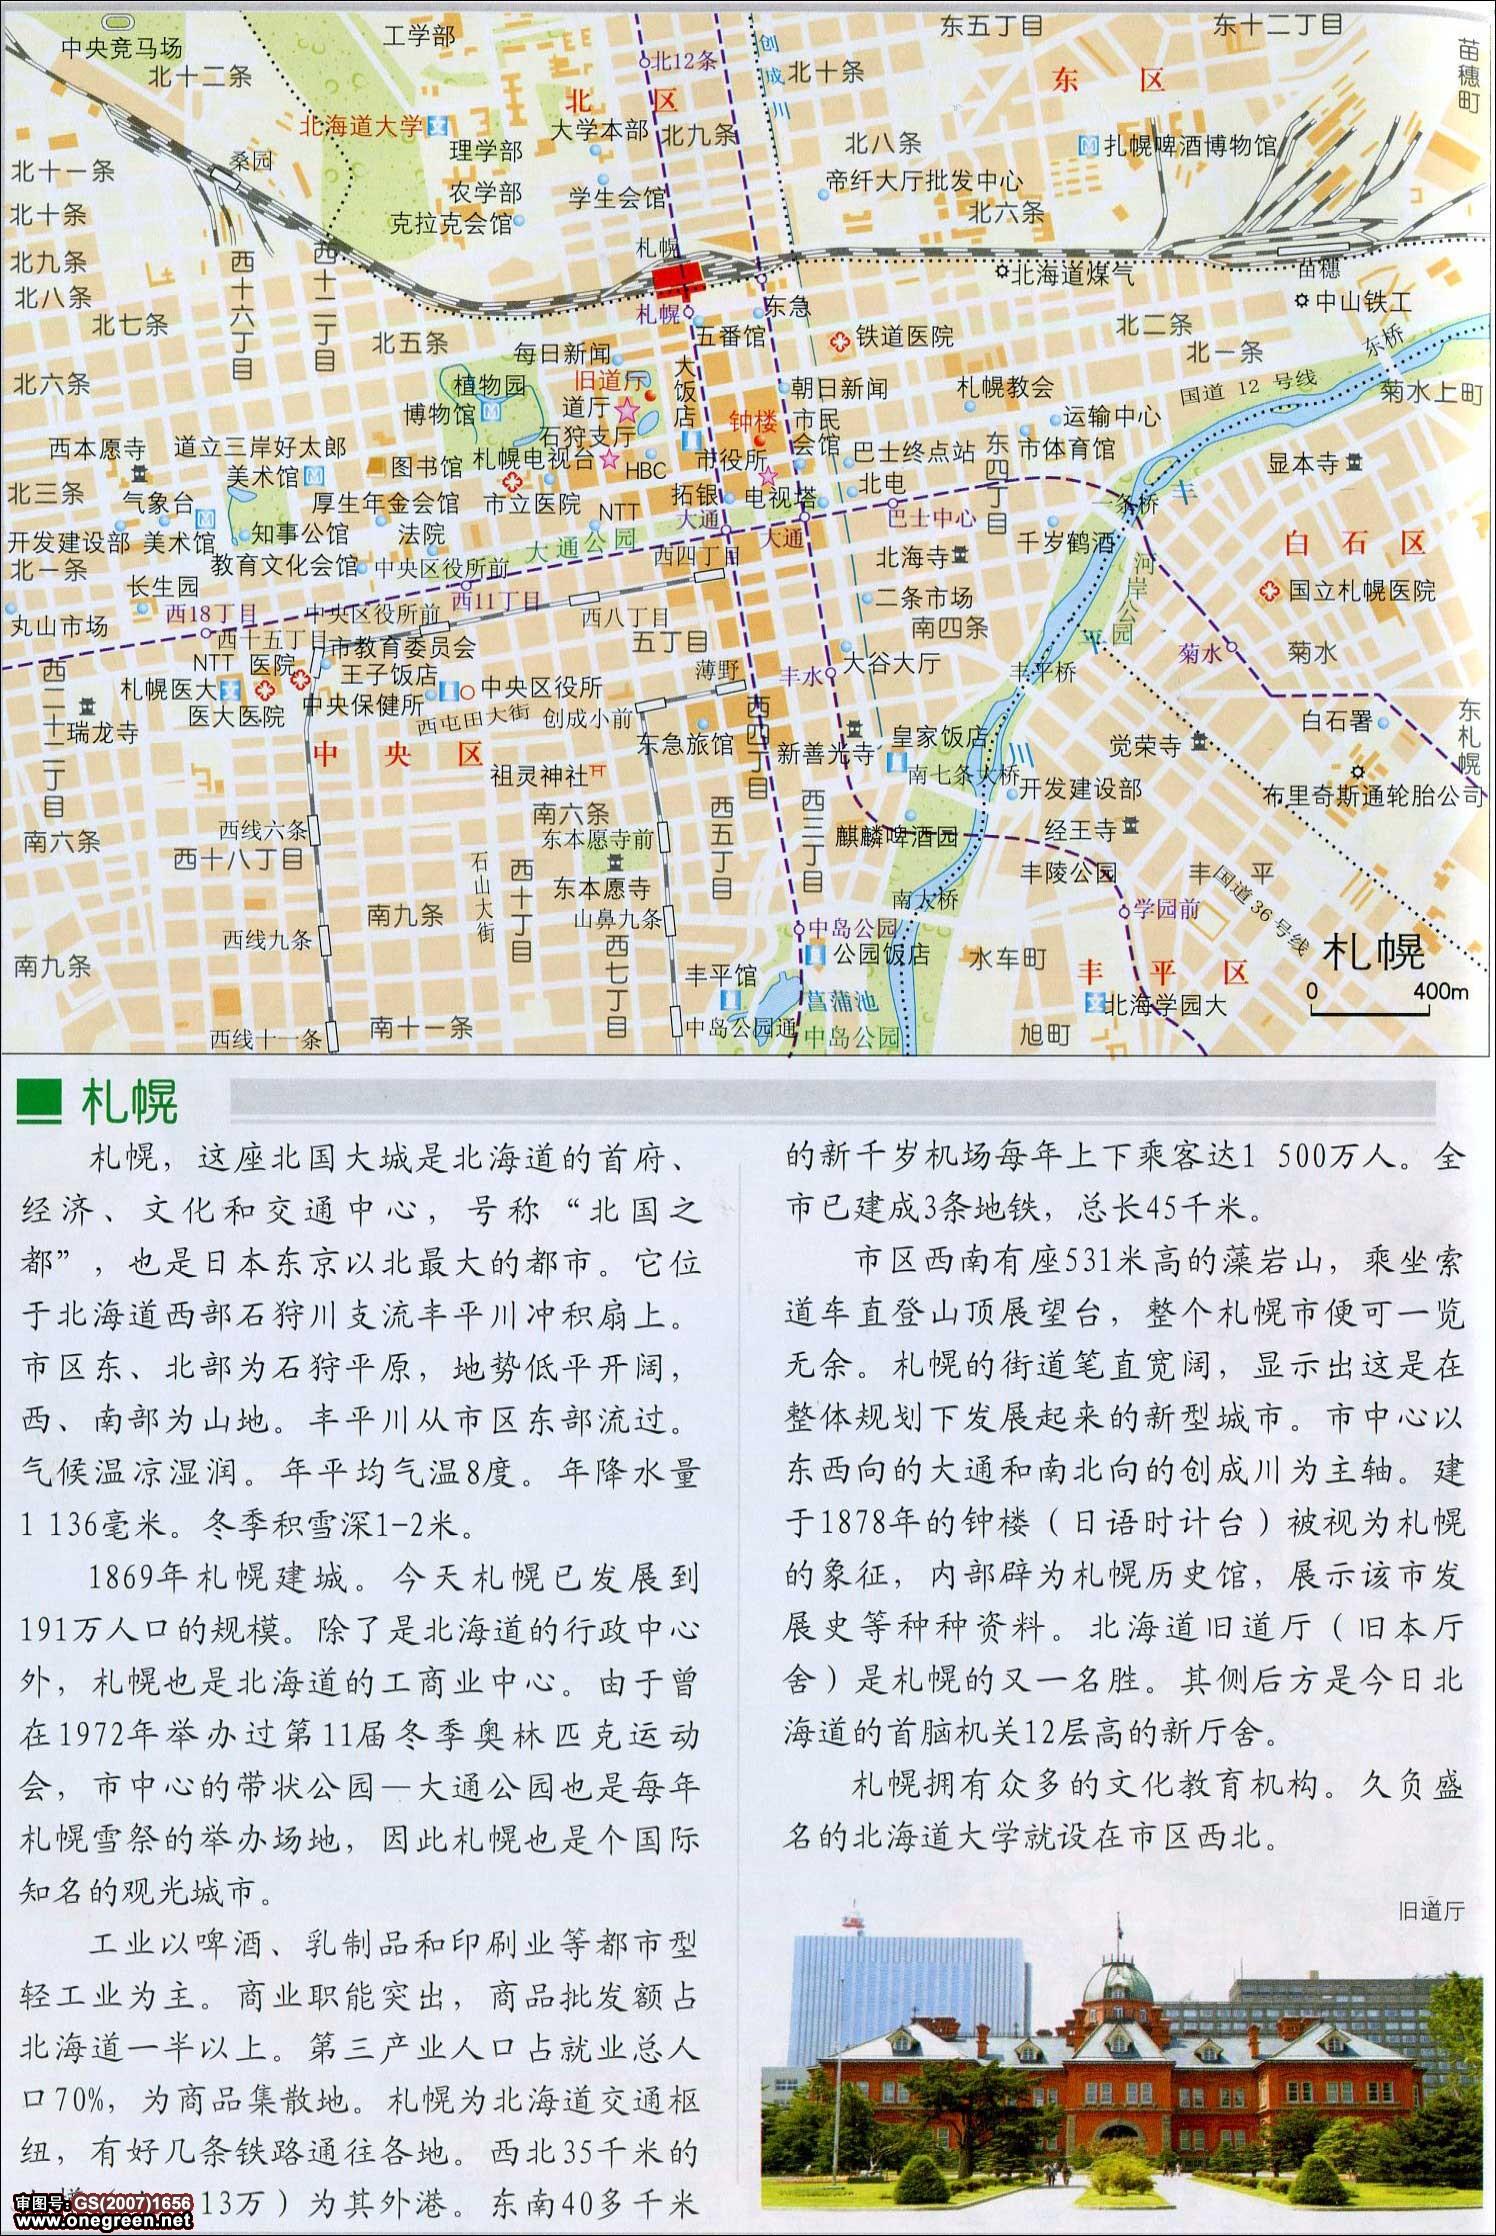 哈萨克斯坦中文地图_札幌地图_日本地图库_地图窝